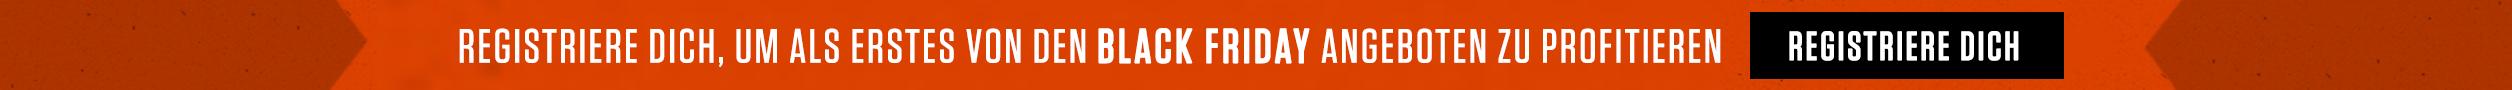 Registriere dich, um als erstes von den Black Friday Angeboten zu profitieren.